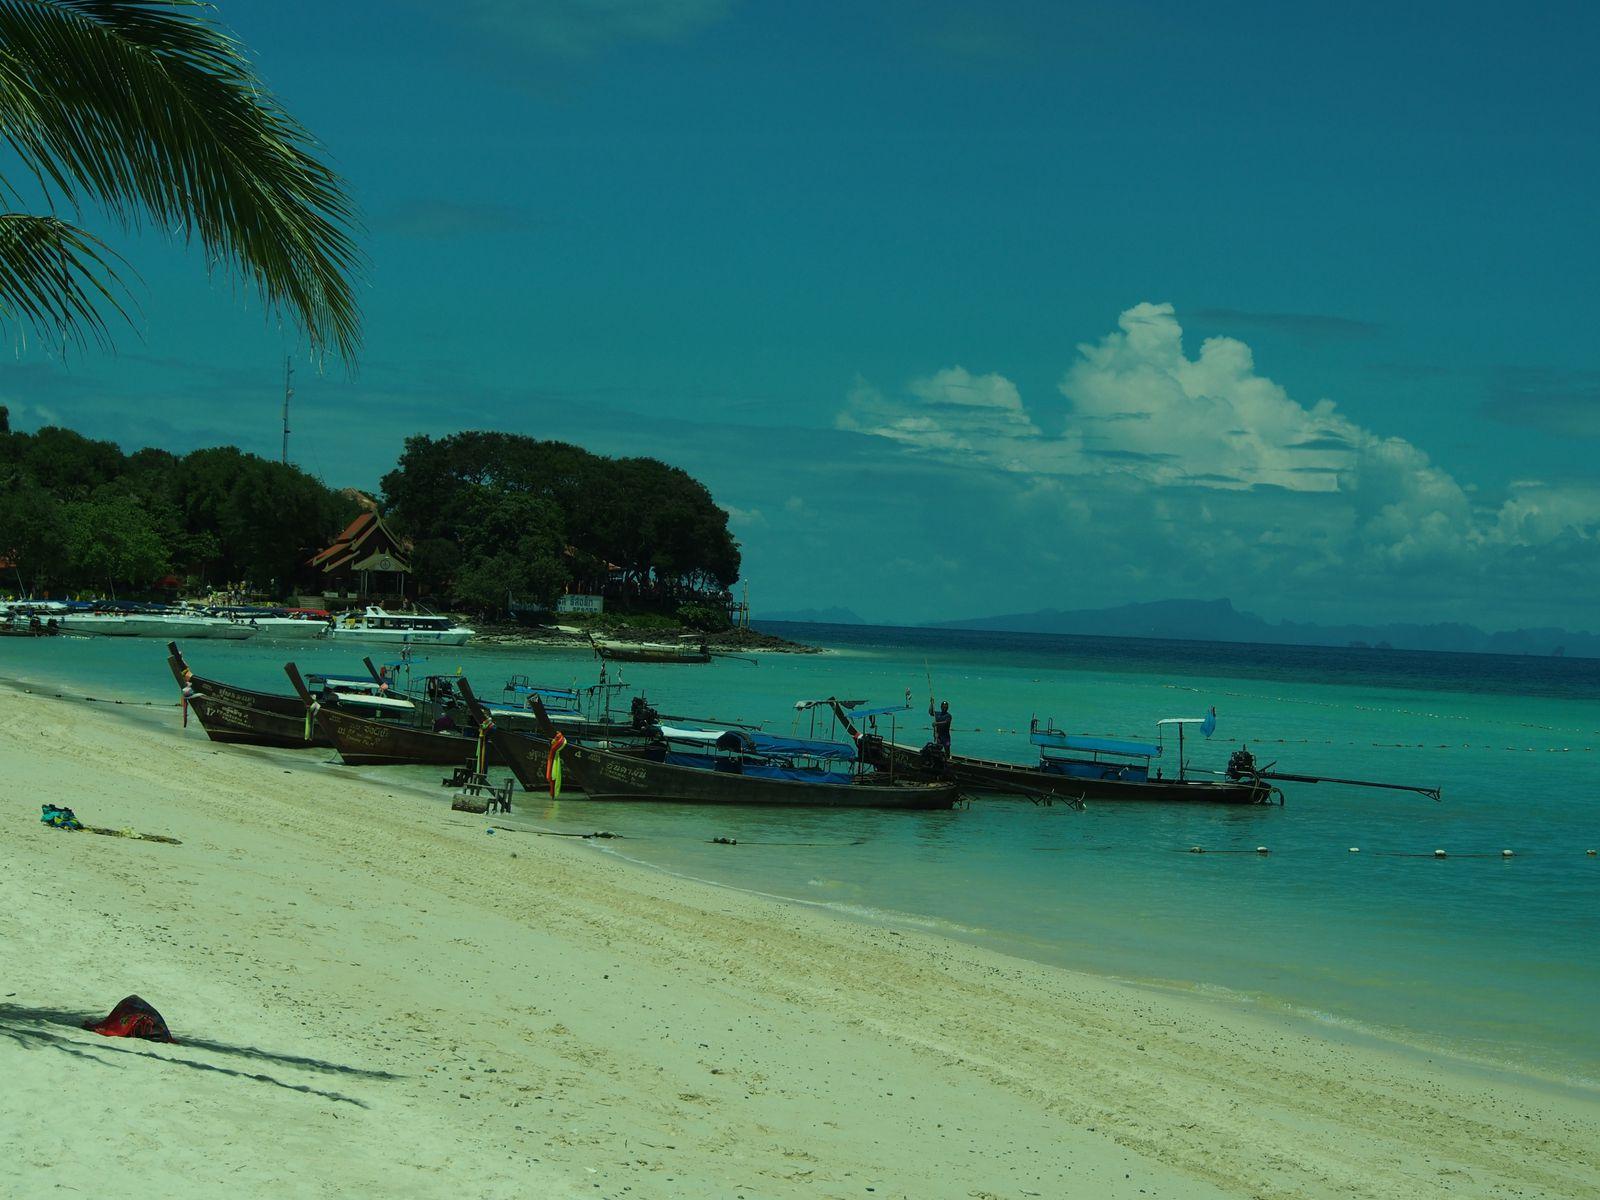 Crédit photographique Philippe Poisson - Phi Phi Don en Thaîlande - Une île qui semble avoir été créée exprès pour composer une des plus belles cartes postales de ce pays ...